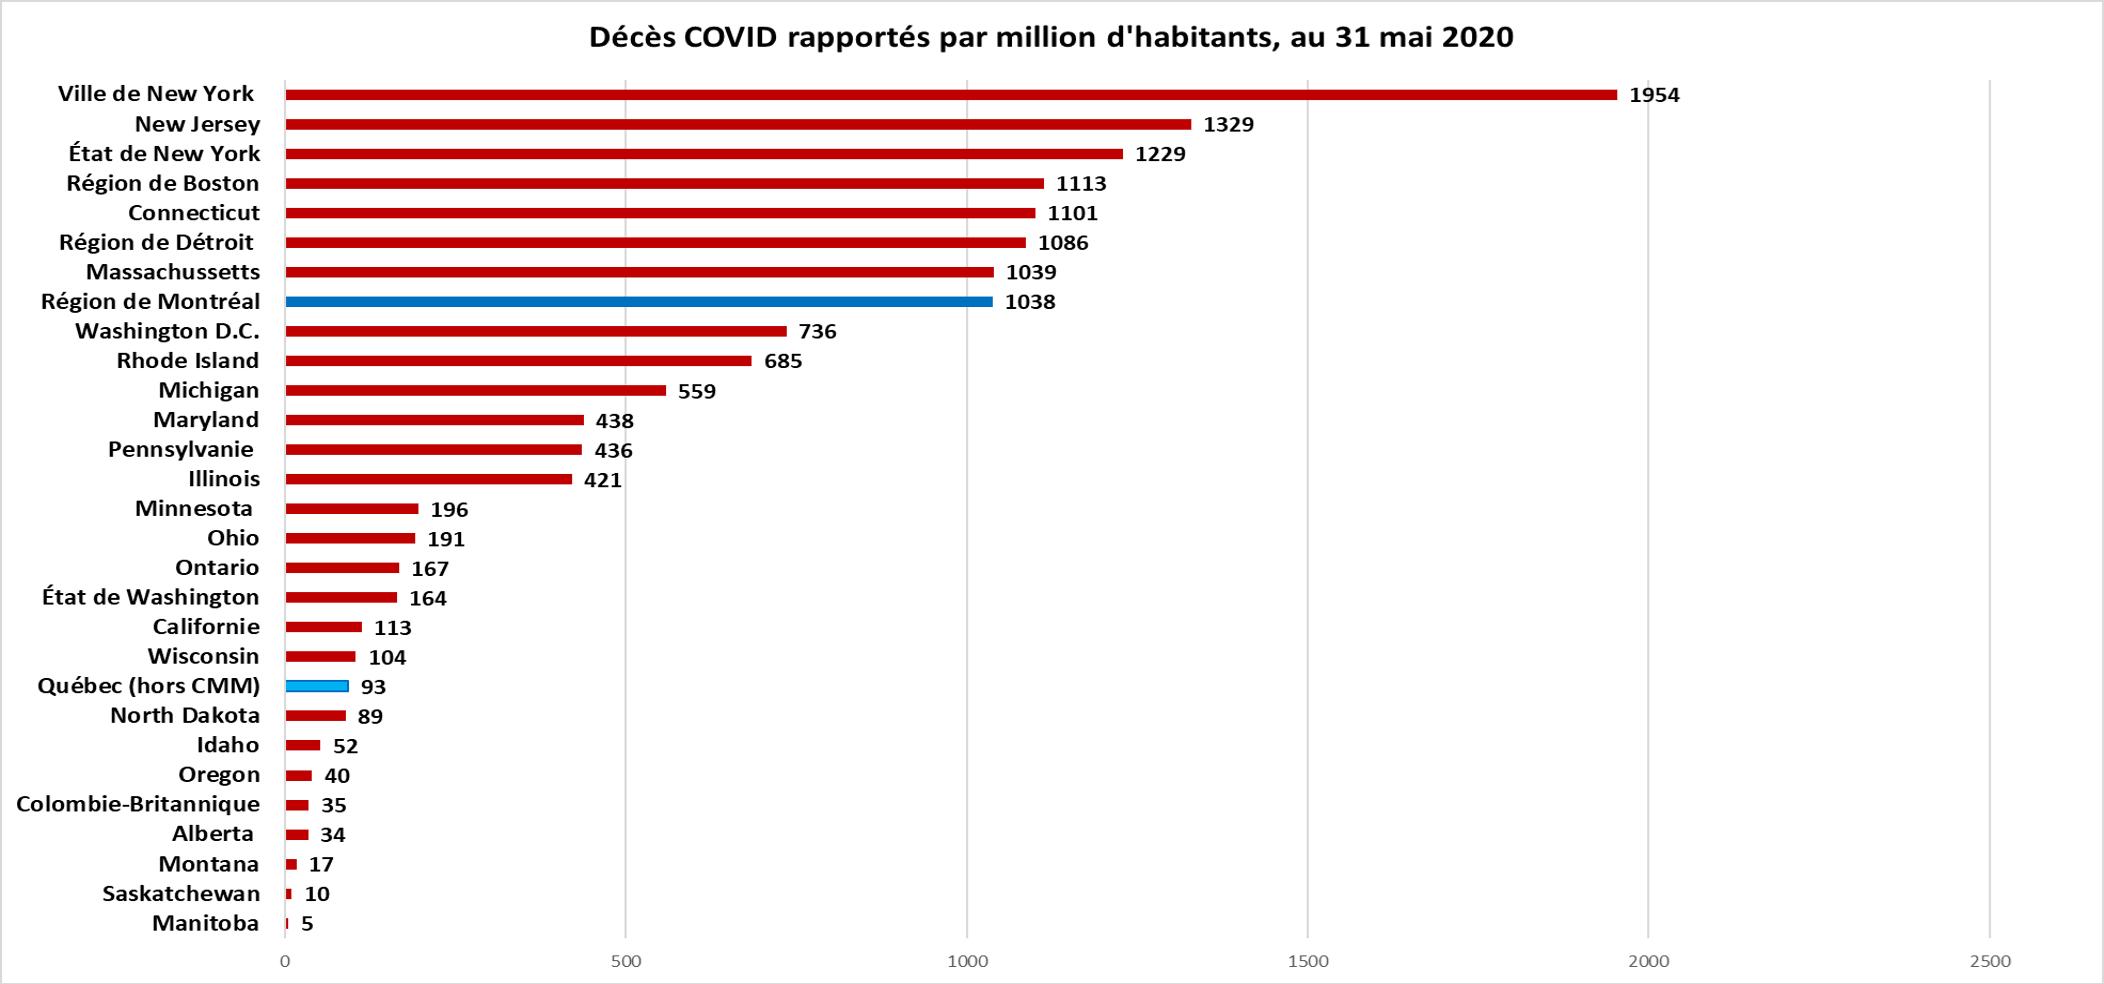 Décès COVID-19 par million d'habitants